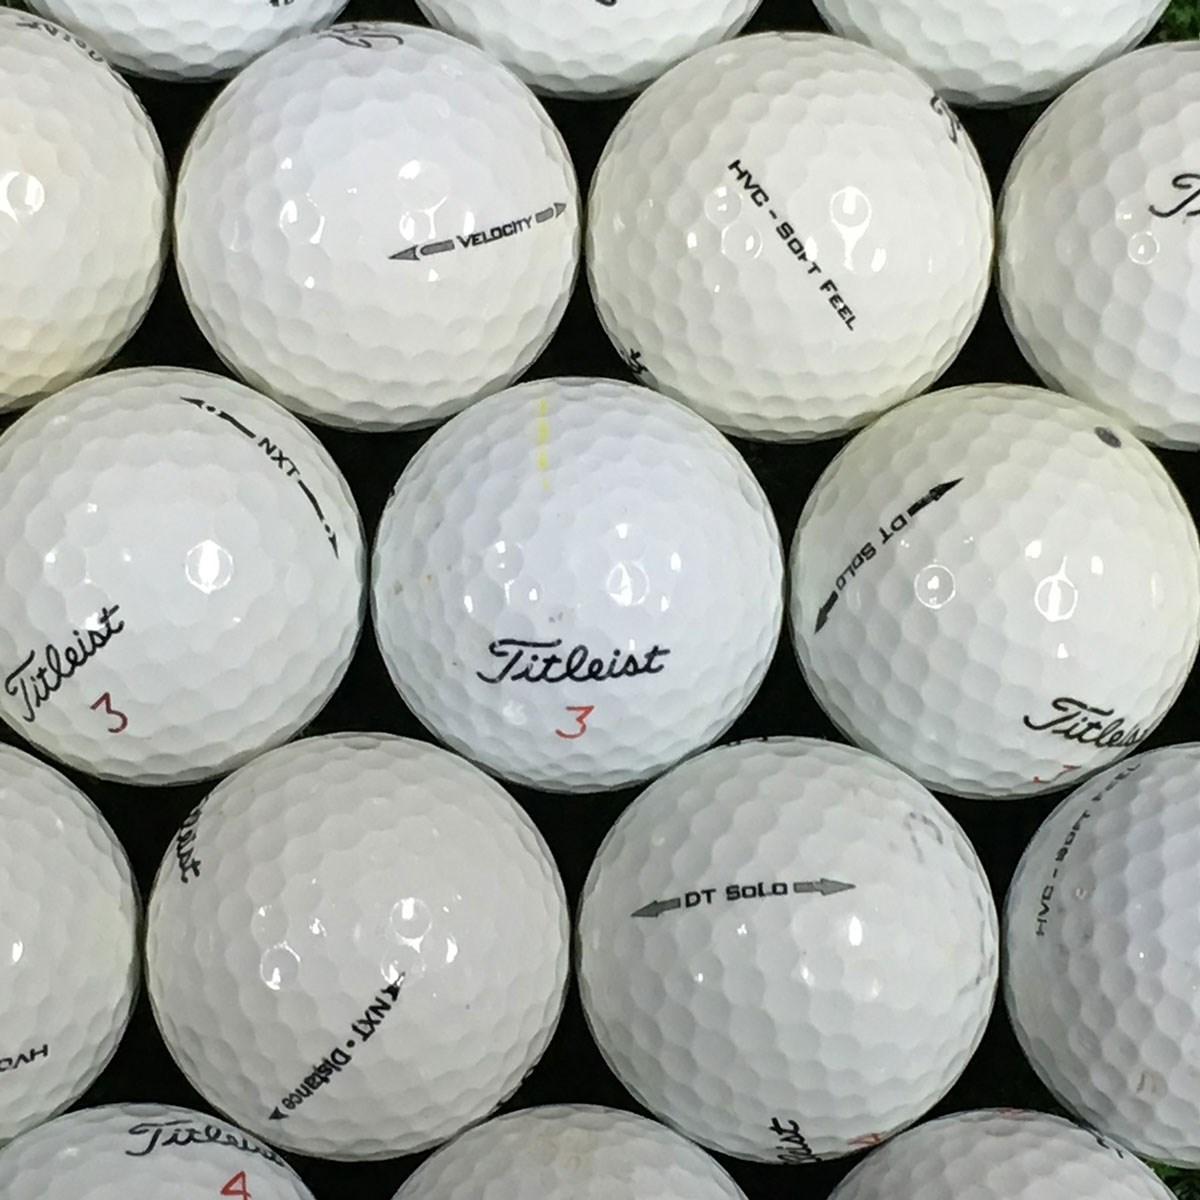 ロストボール タイトリスト 銘柄混合 練習用ボール 500個セット